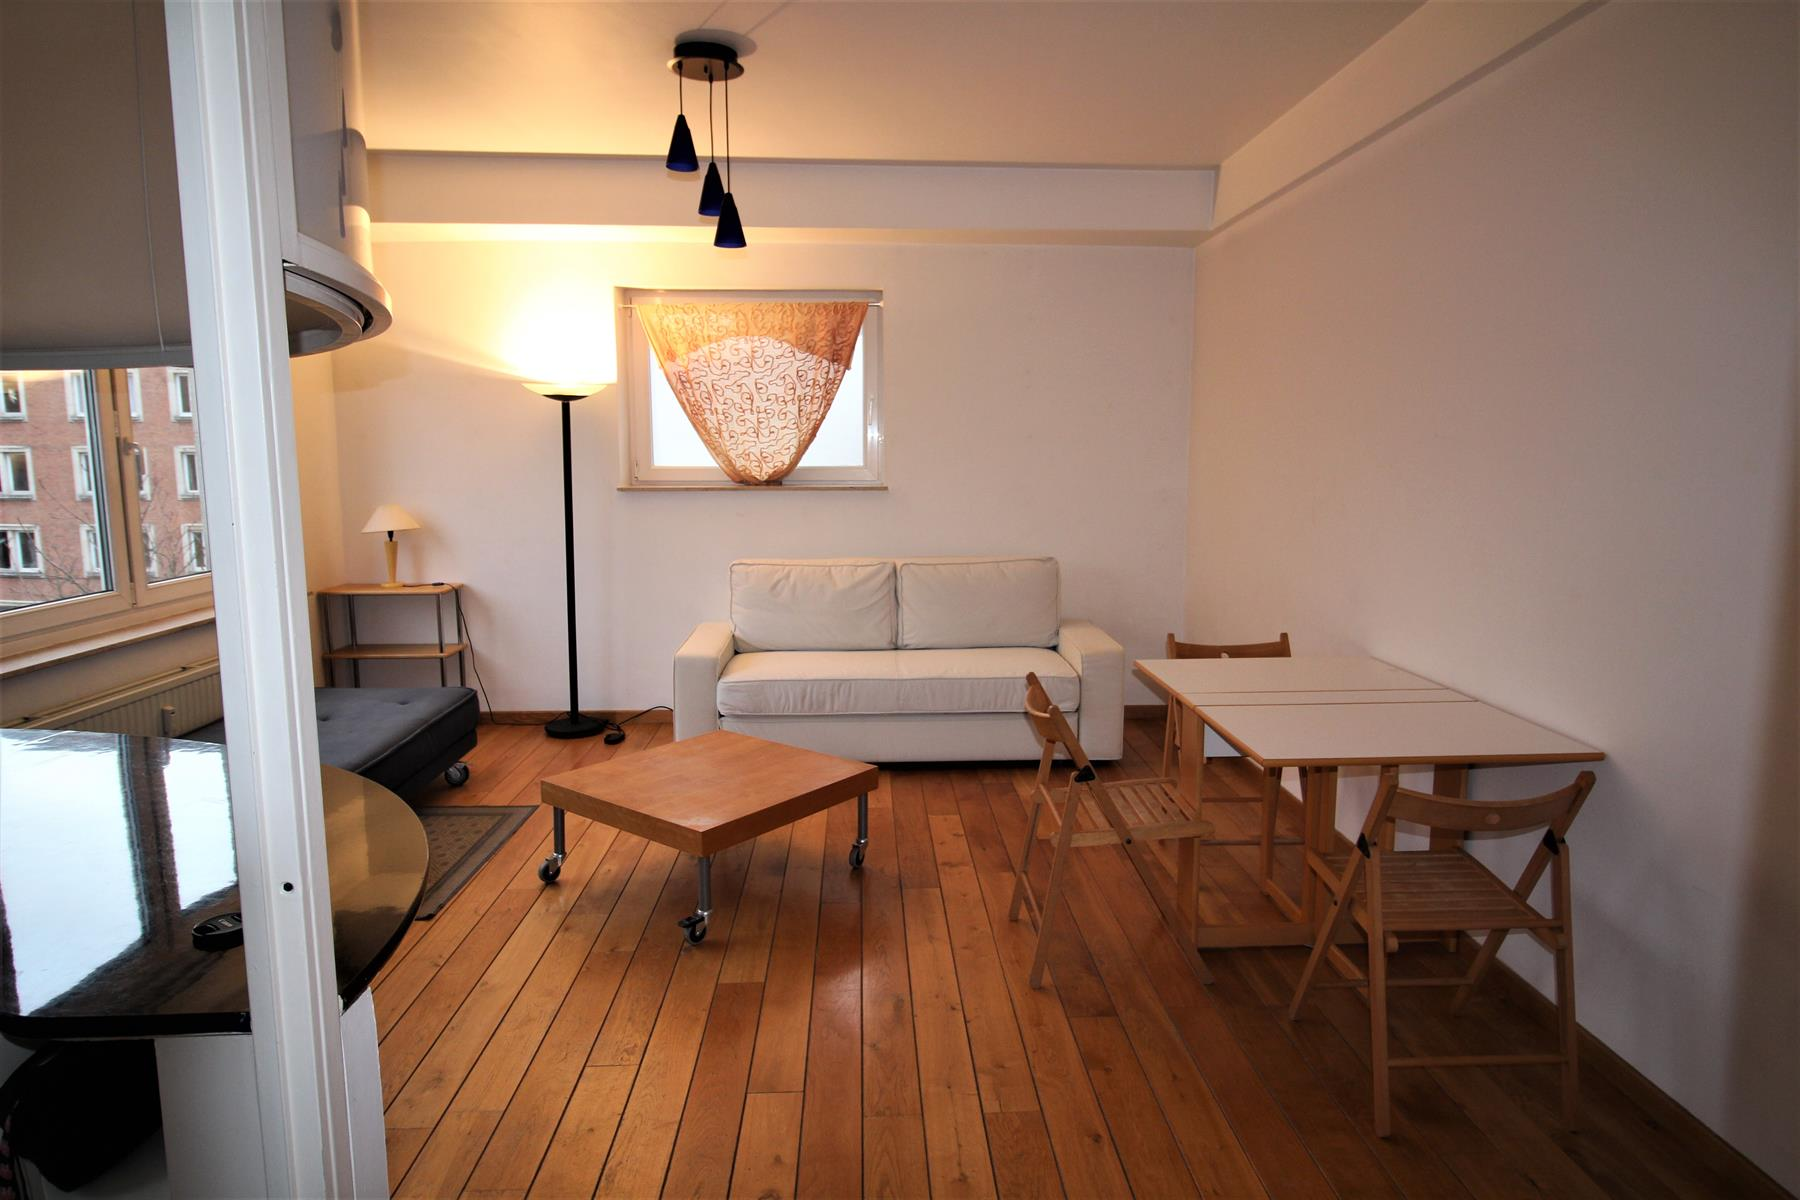 Studio - Etterbeek - #4230376-1